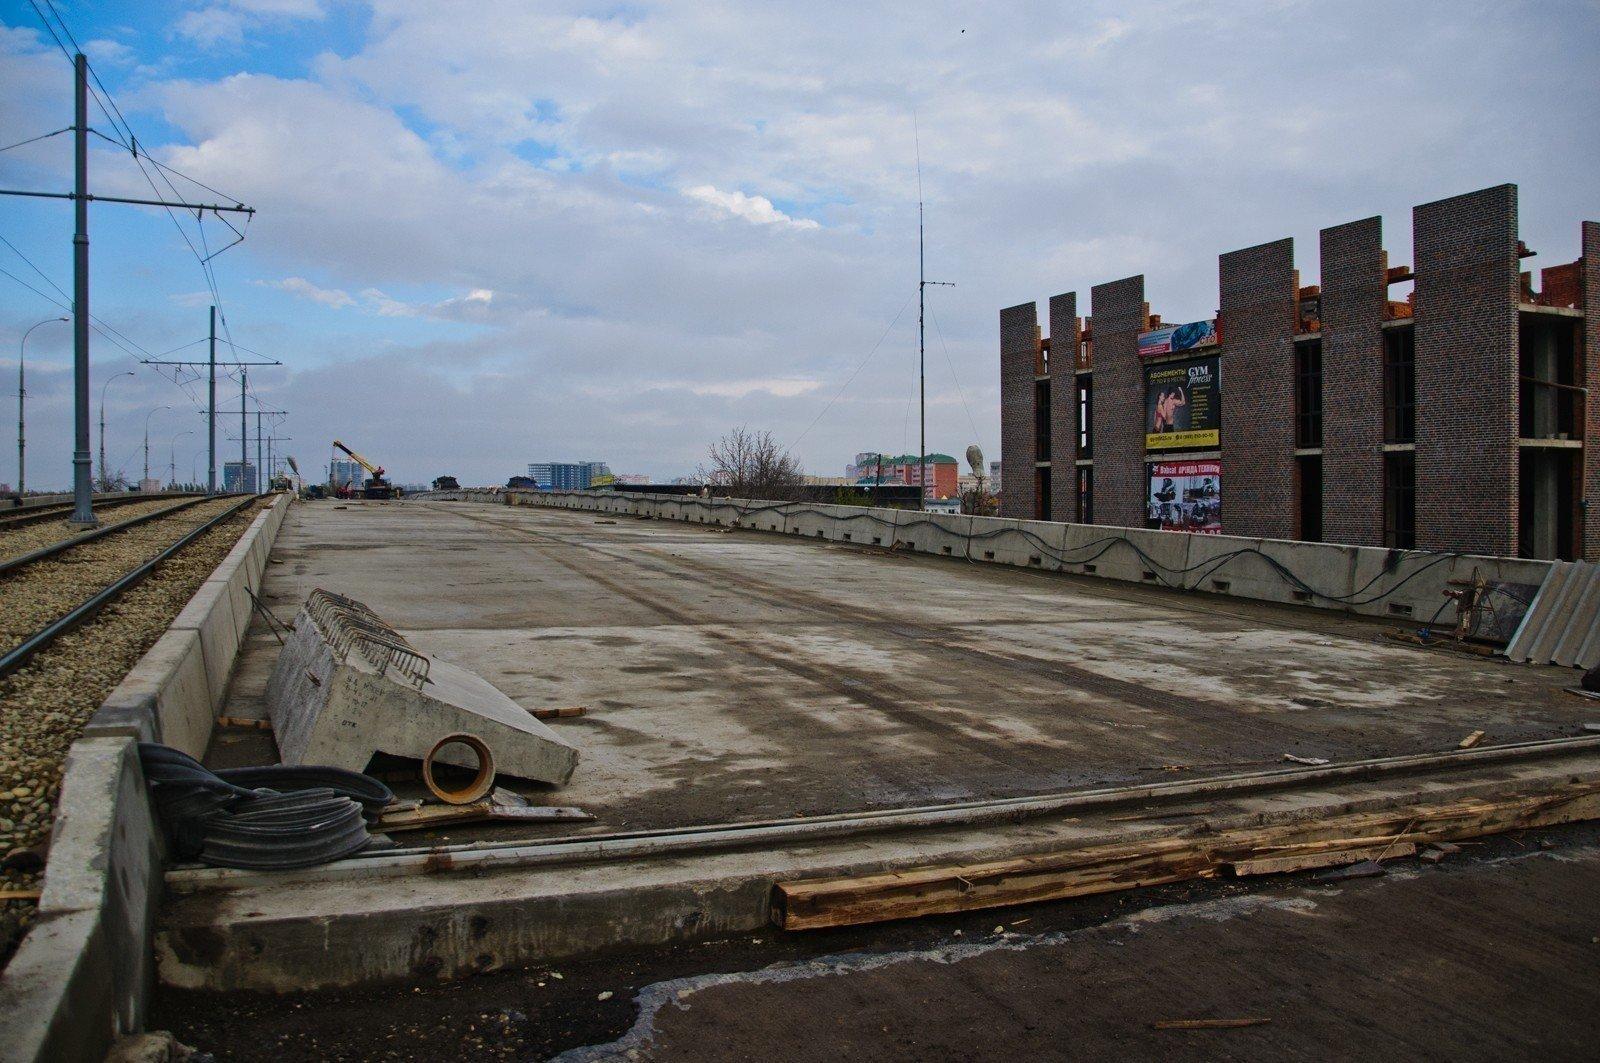 Закончилась укладка нижнего слоя асфальта направой части Садового моста вКраснодаре